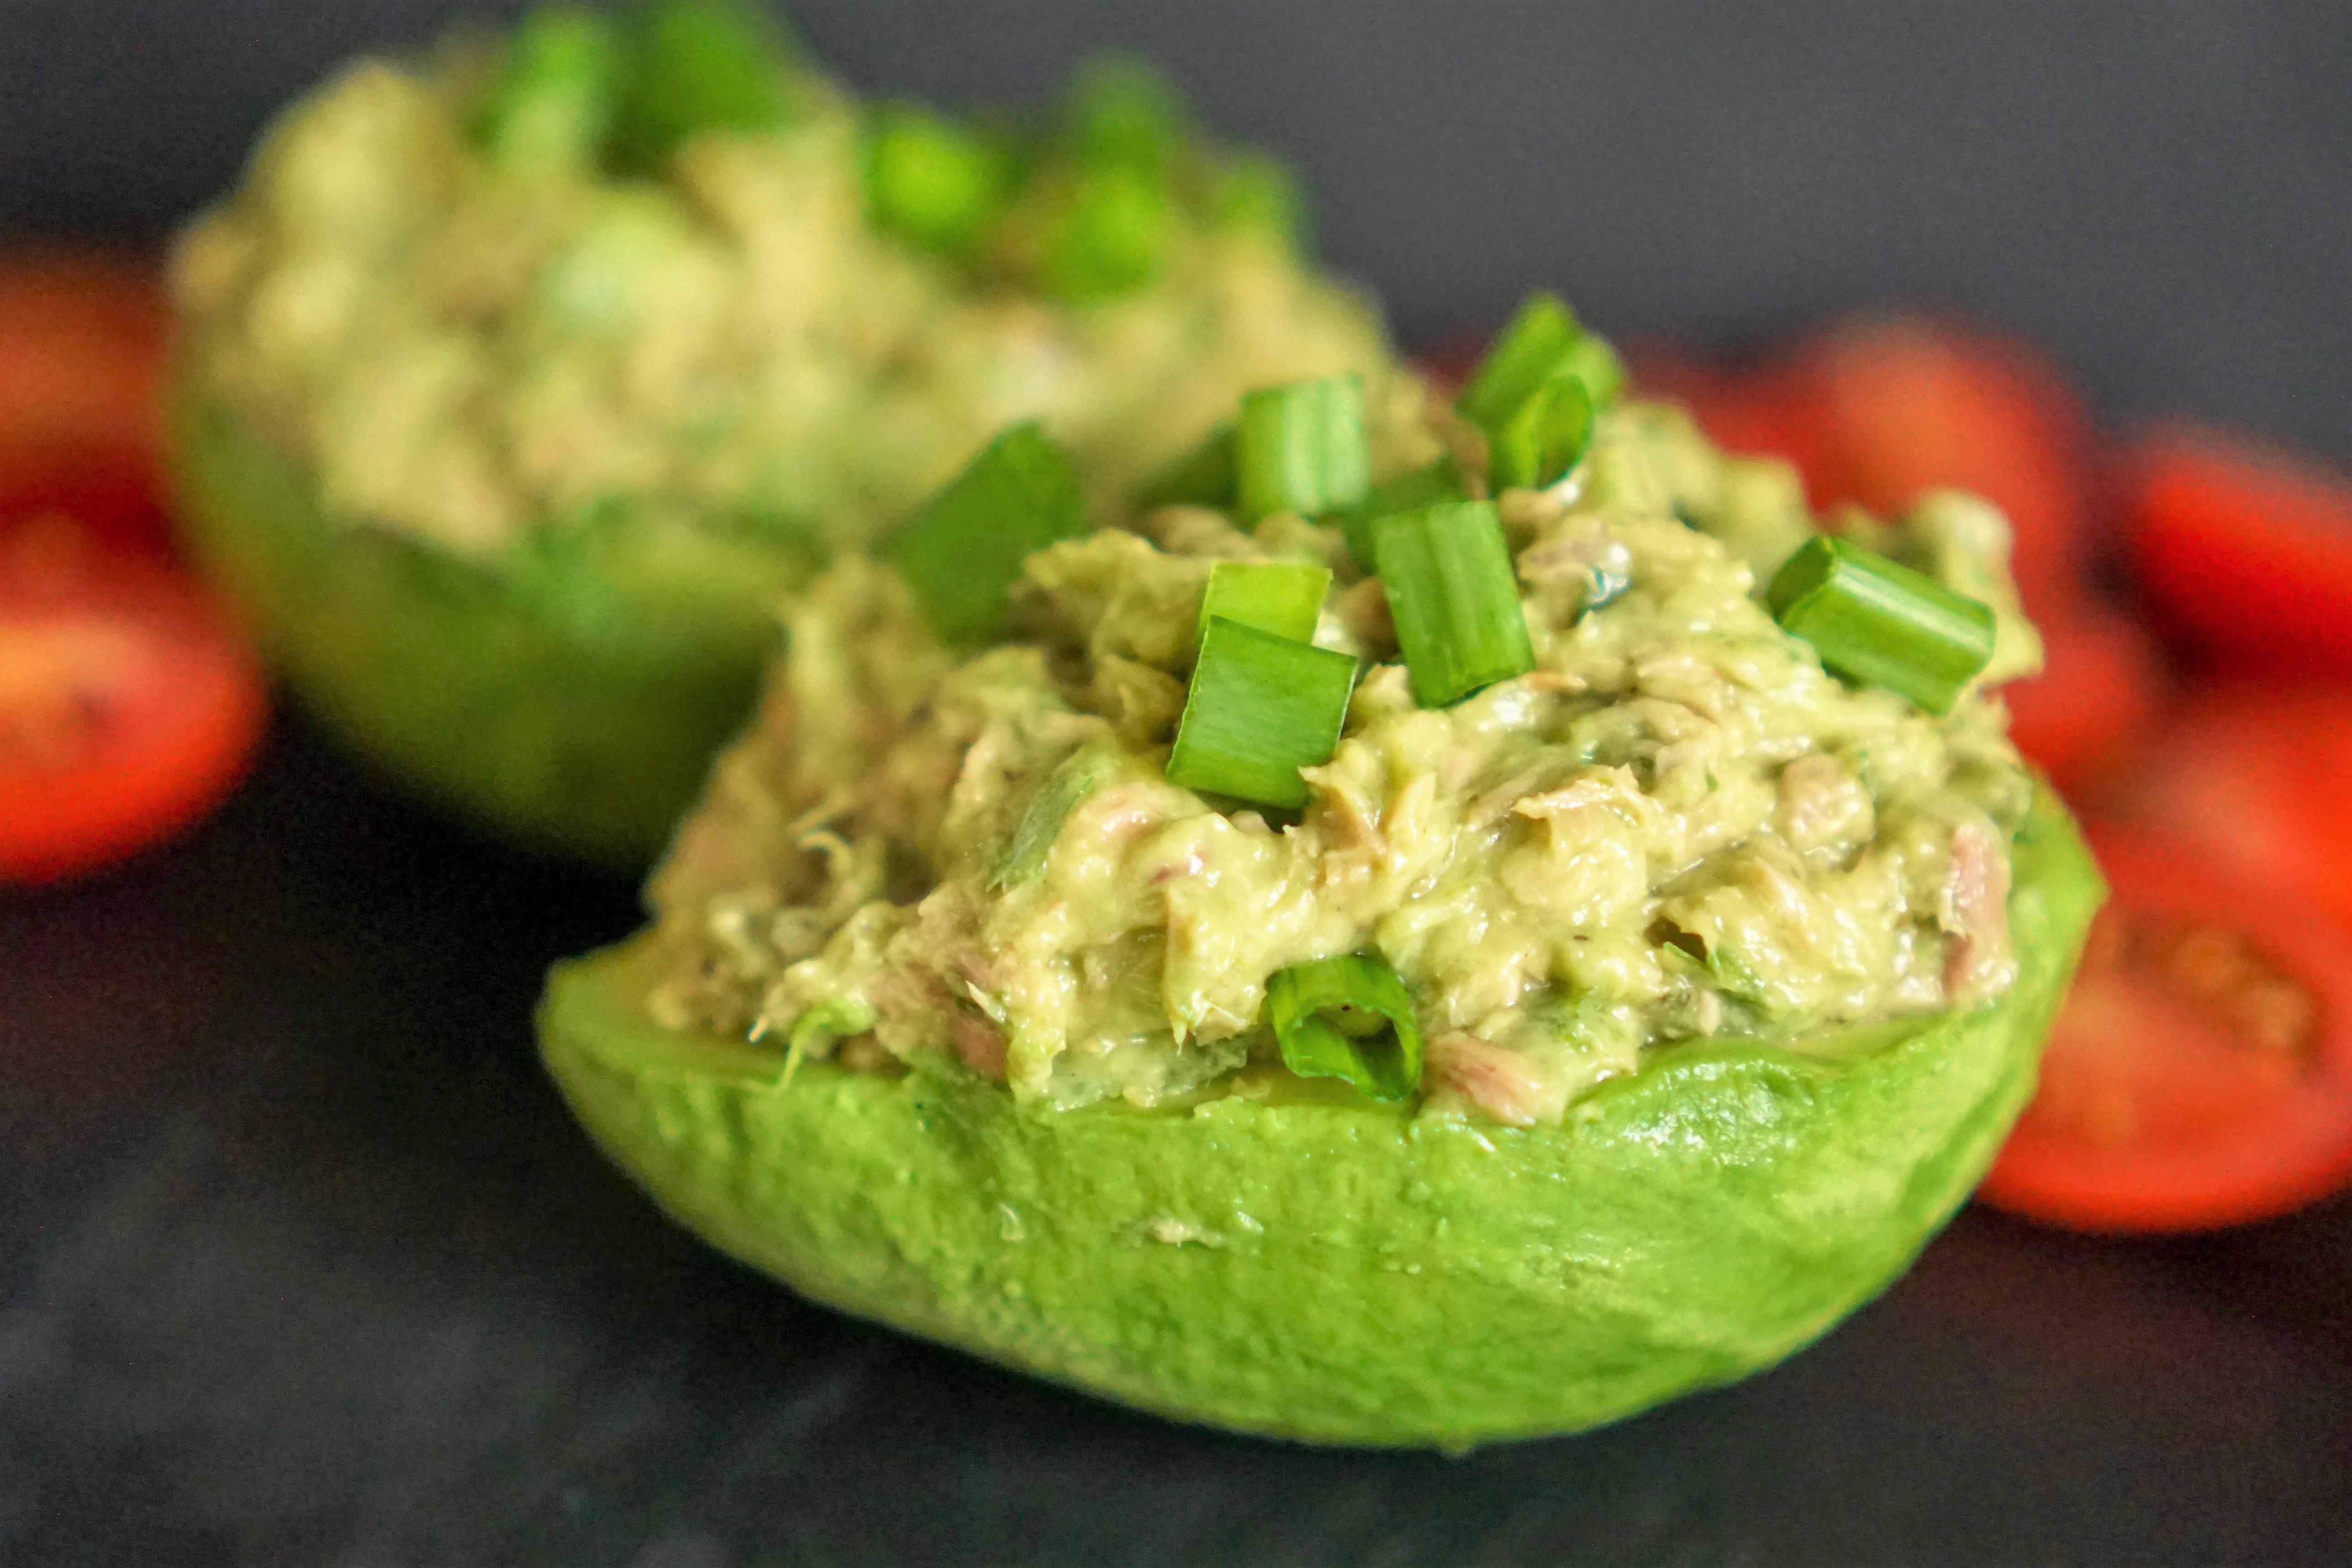 Avocats farcis au thon recette simple